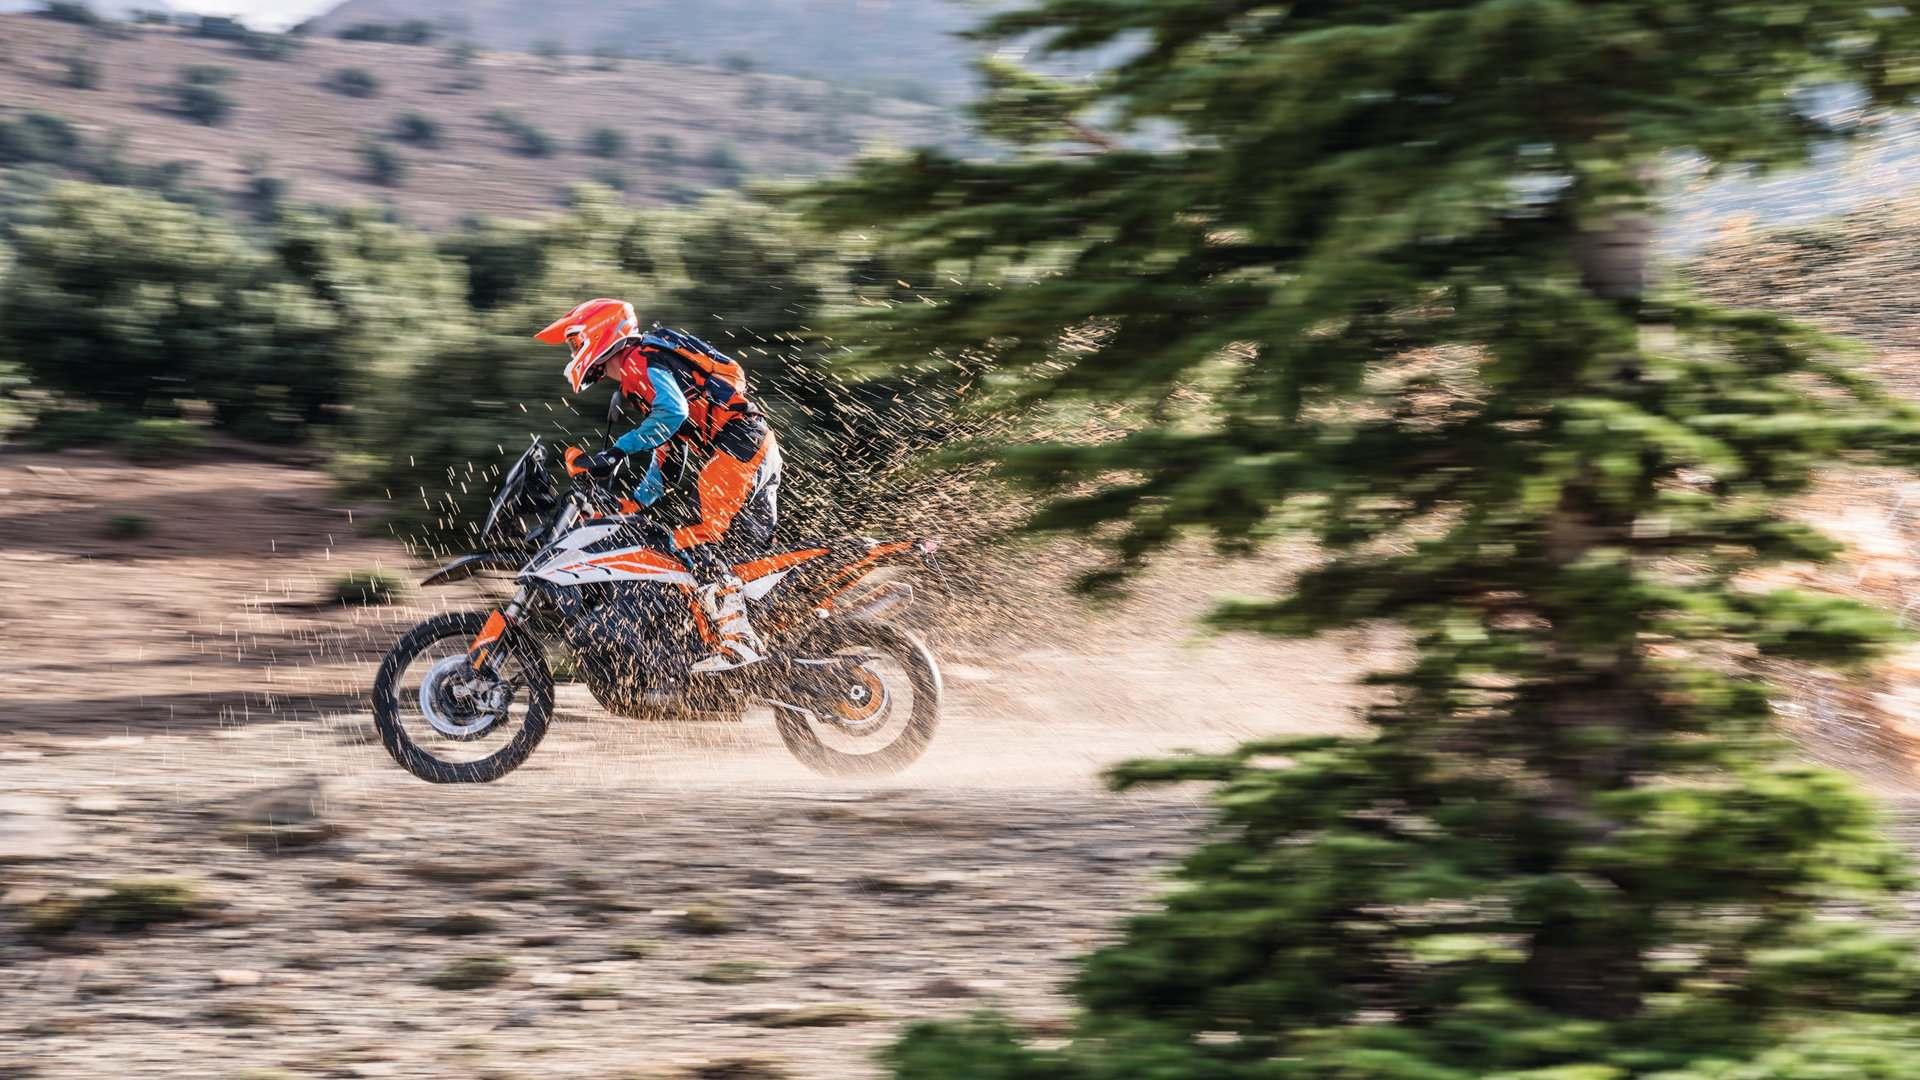 El KTM Adventure Rally 2019 tendrá lugar del 17 al 20 de junio en Bosnia